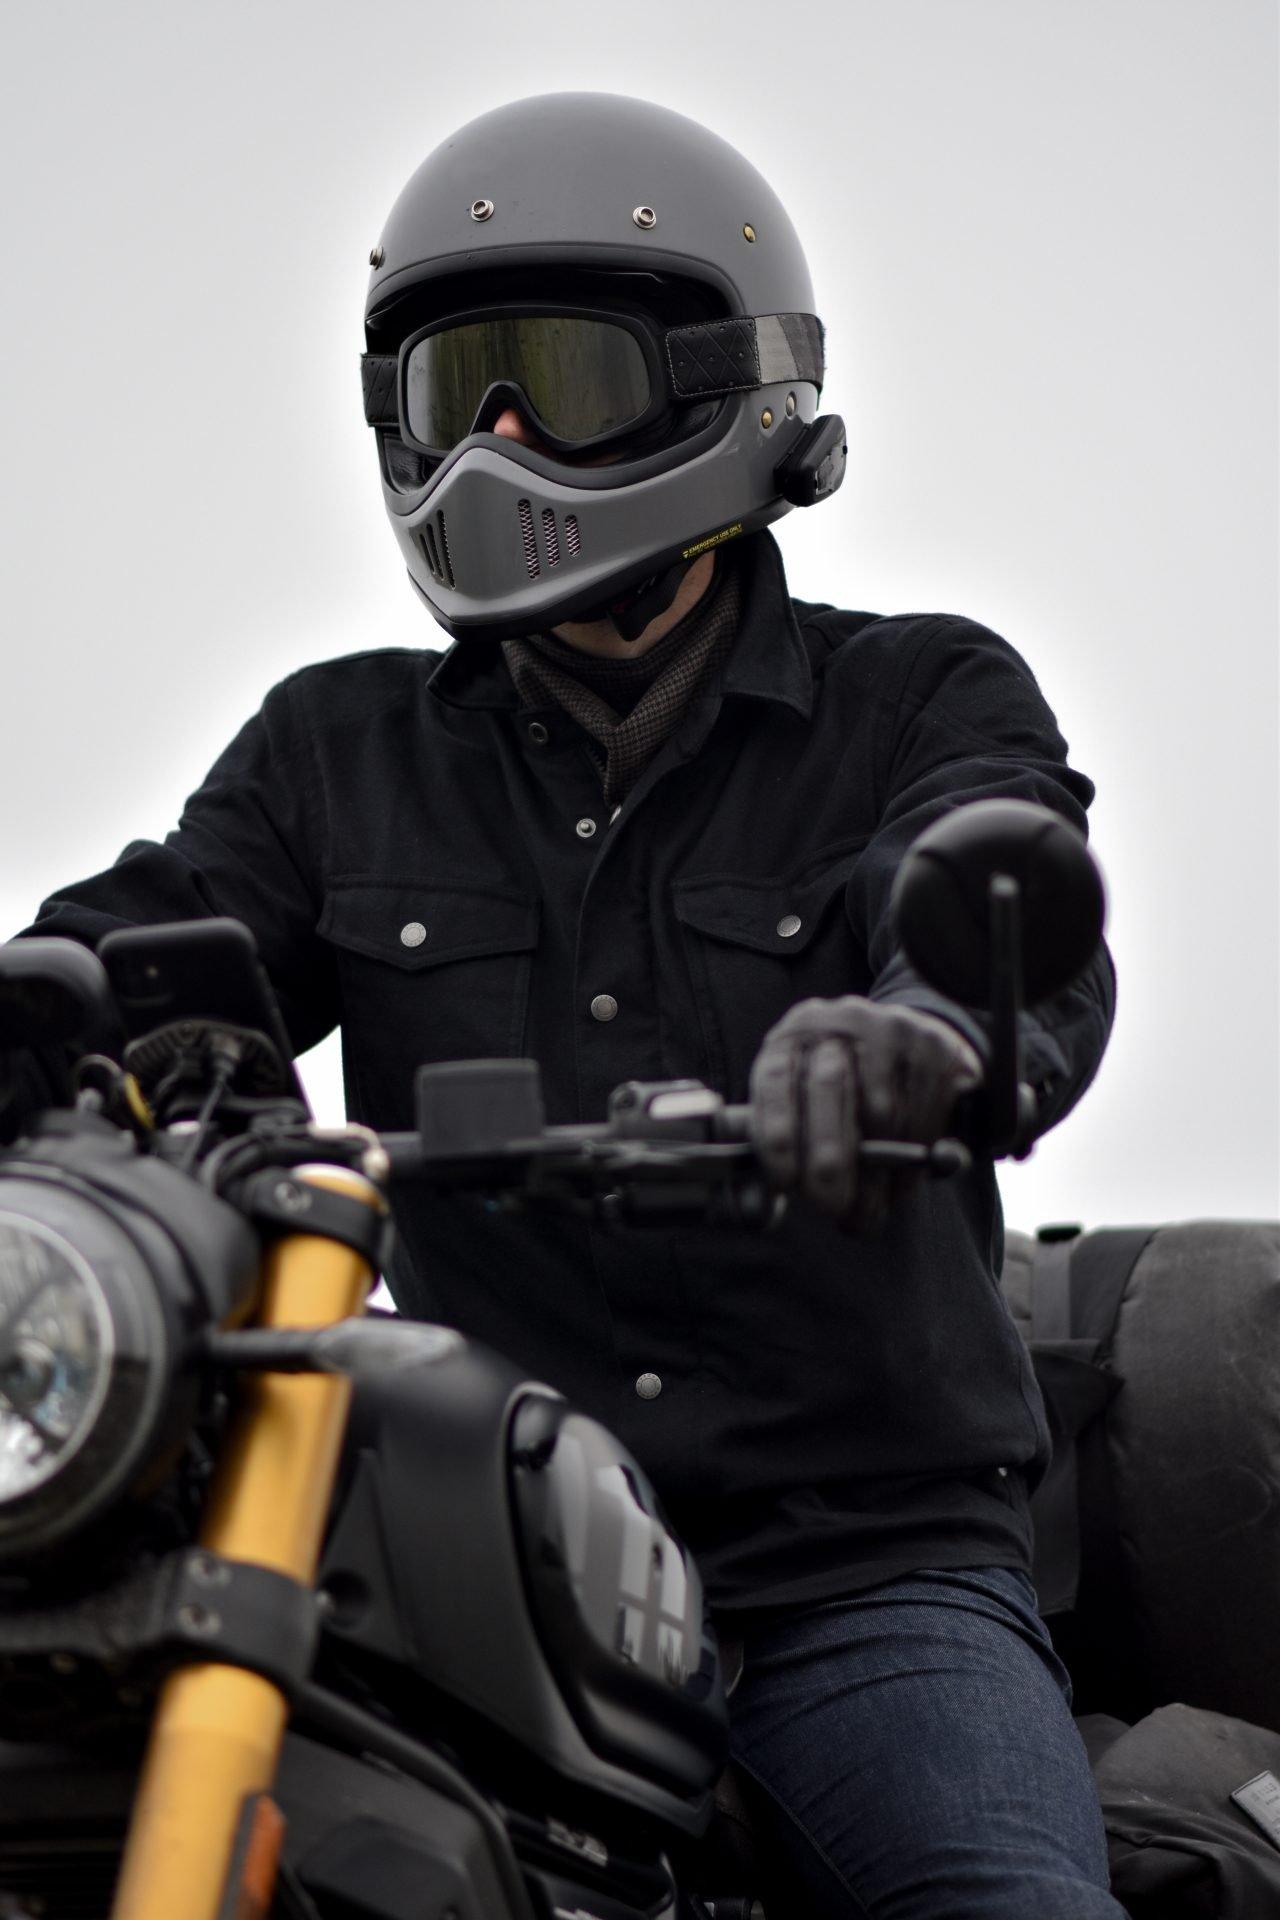 DSC_0252-2-scaled Oxford Riderwear